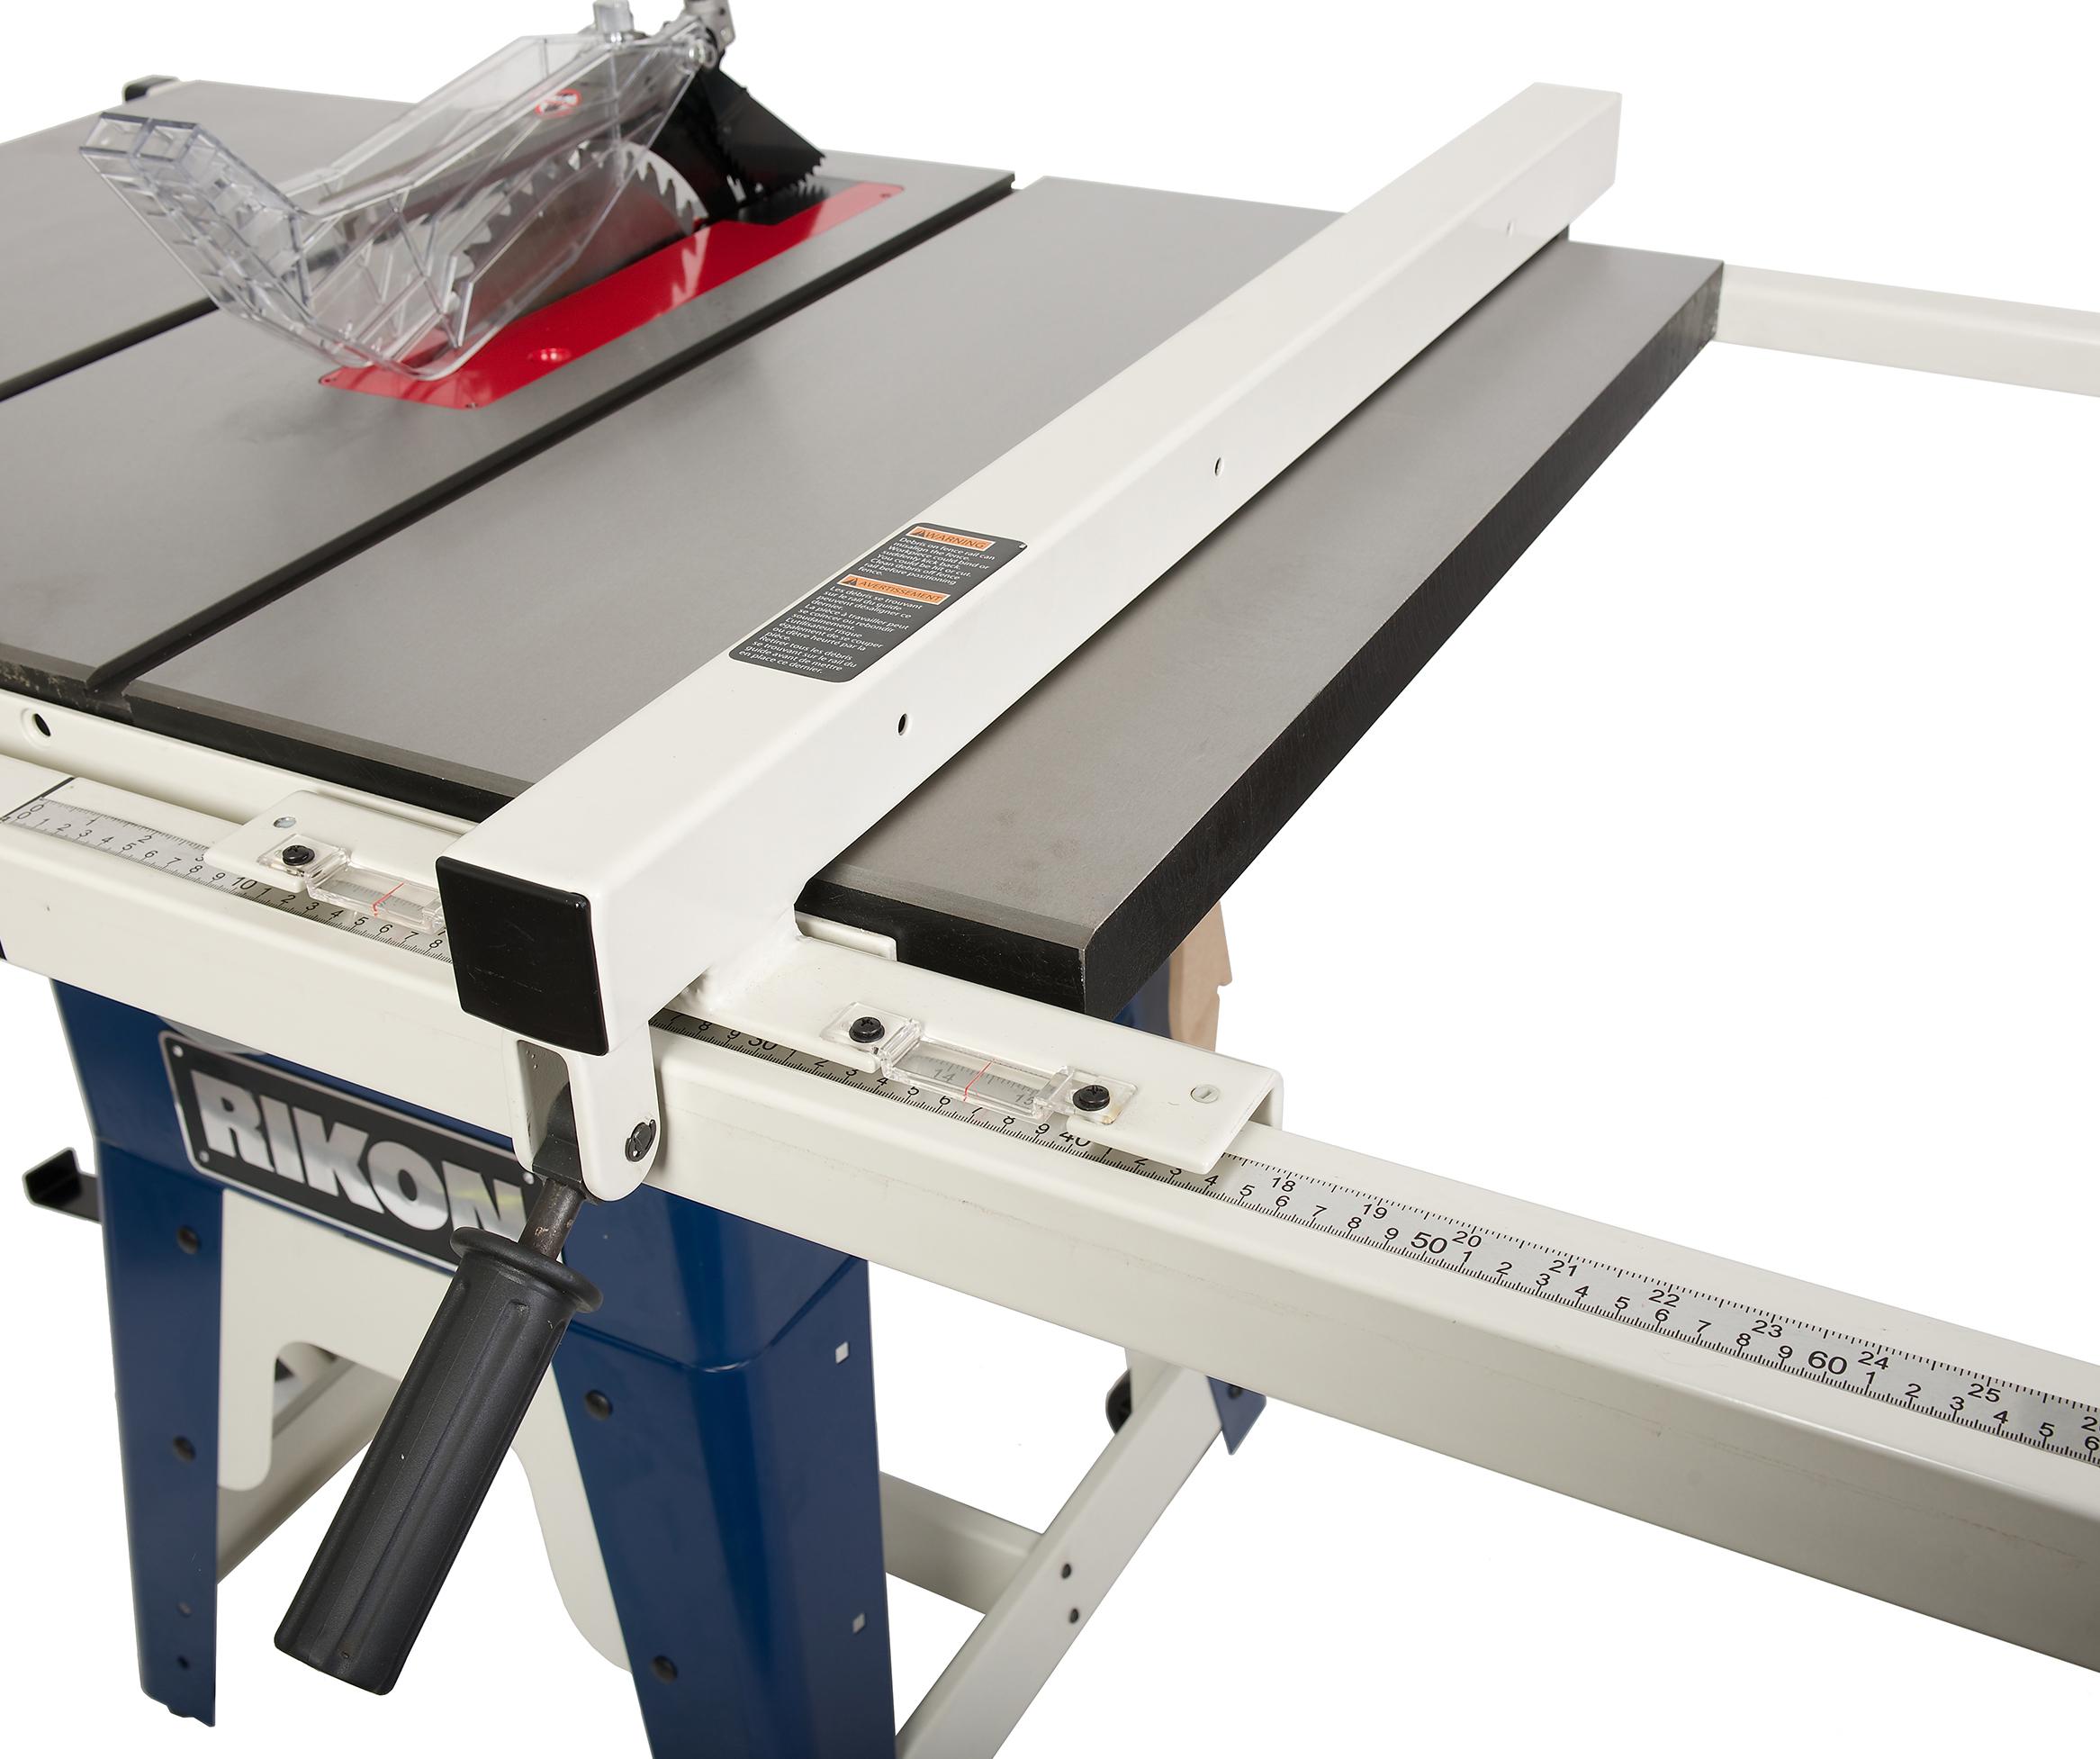 Model 10 201 10 Contractors Saw Rikon Power Tools